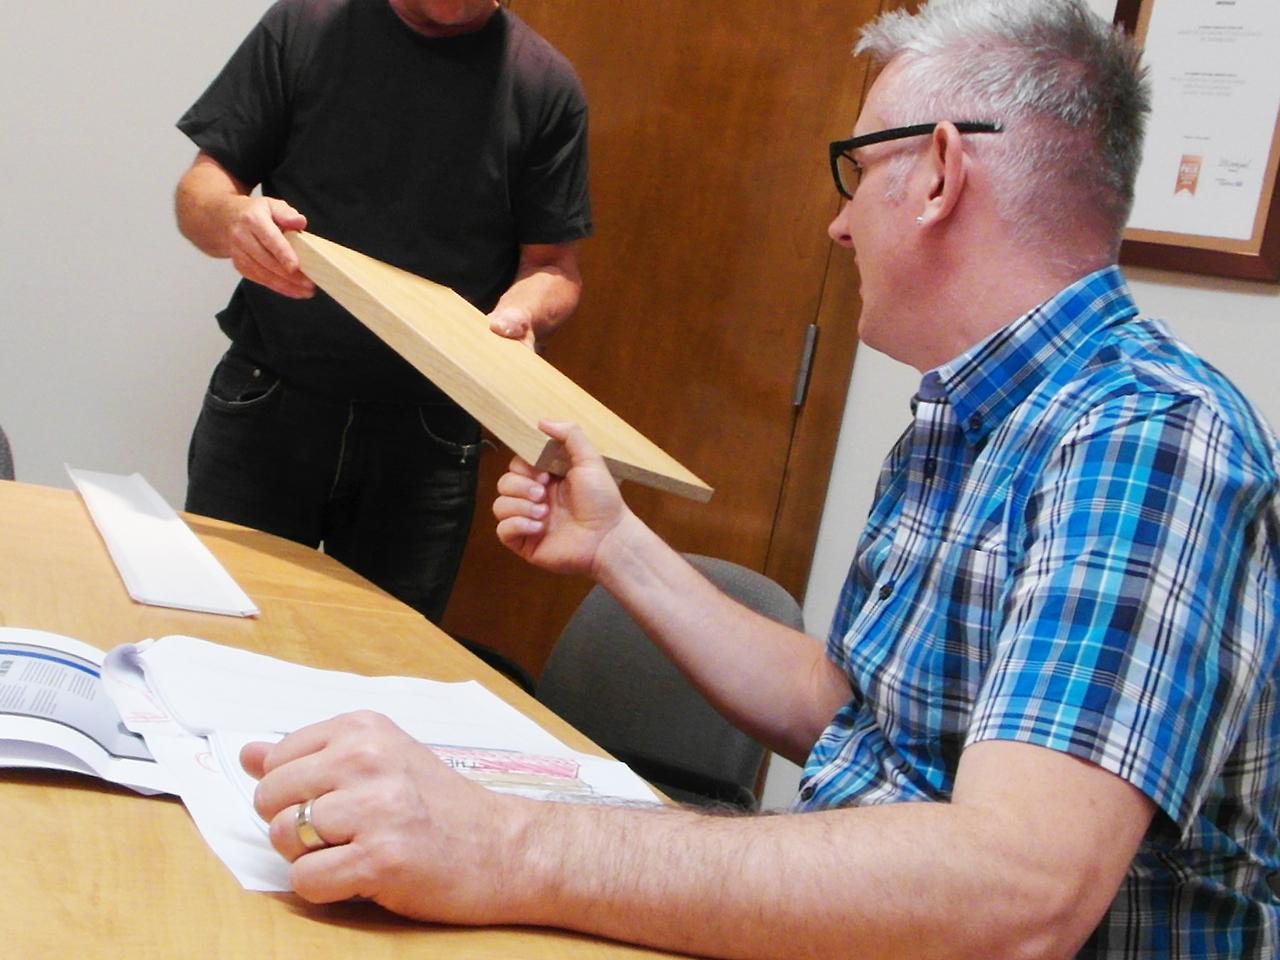 Homme scrutant un morceau de bois